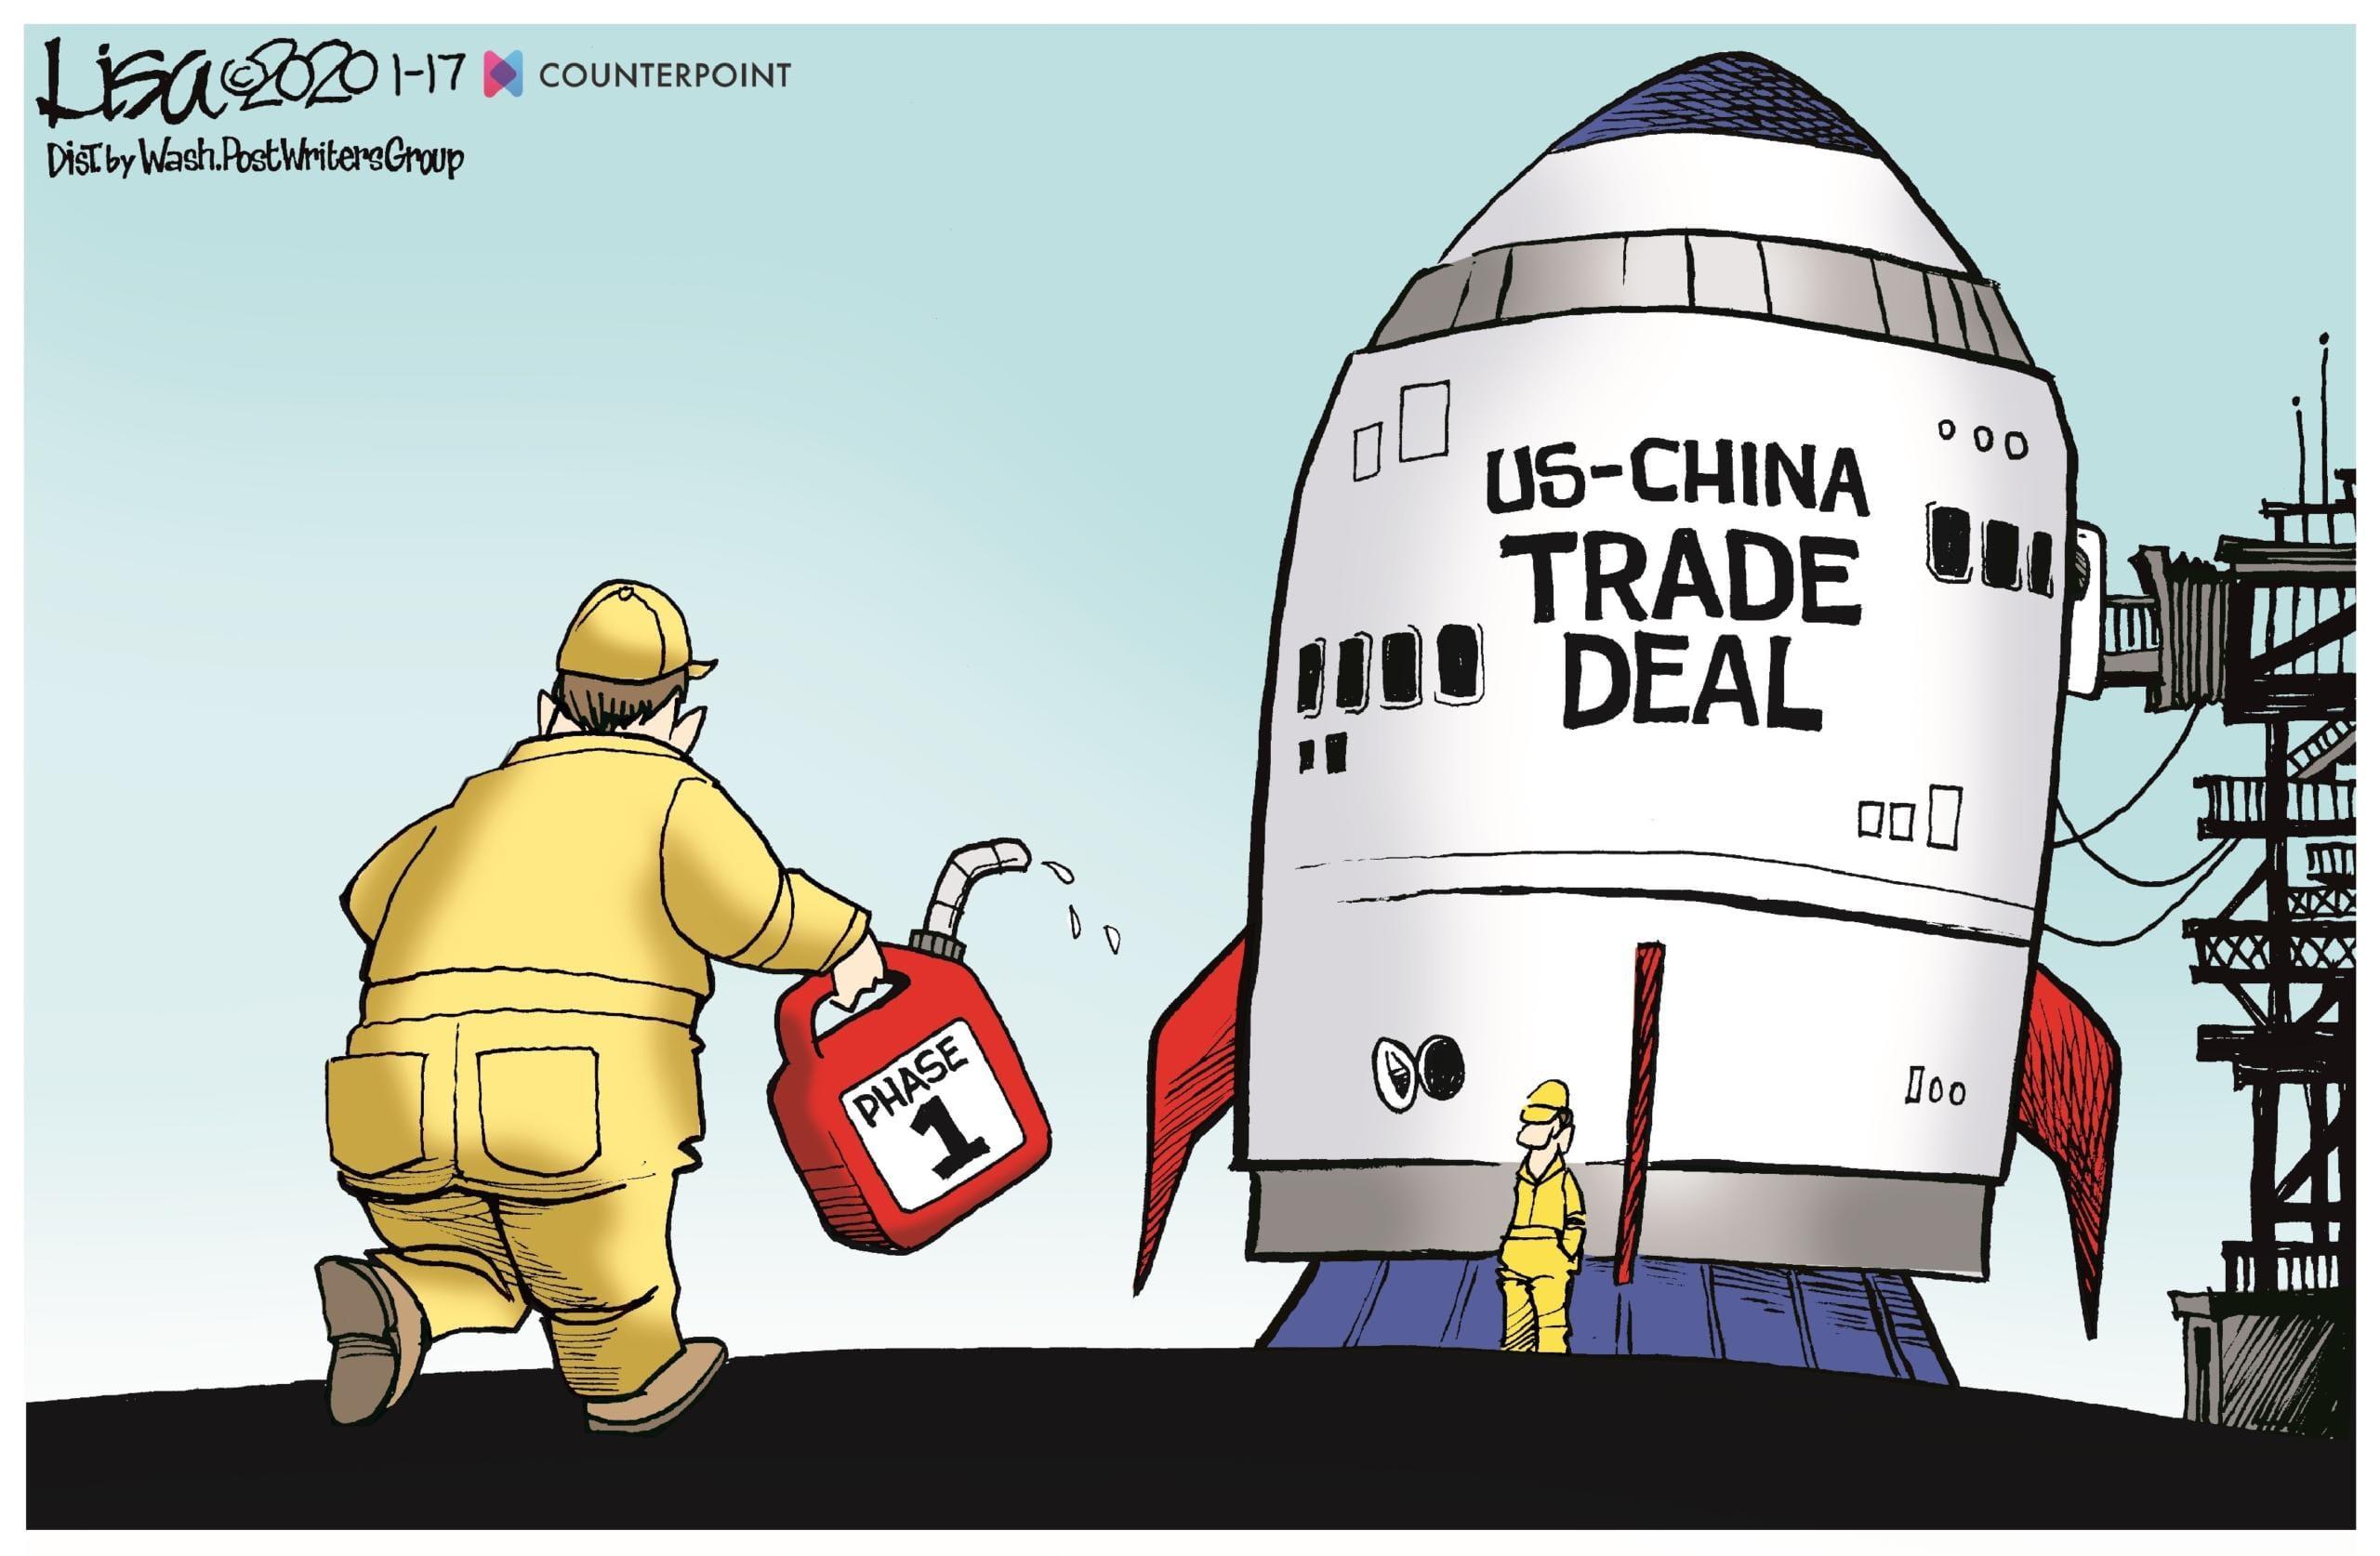 Jan. 18: China Deal